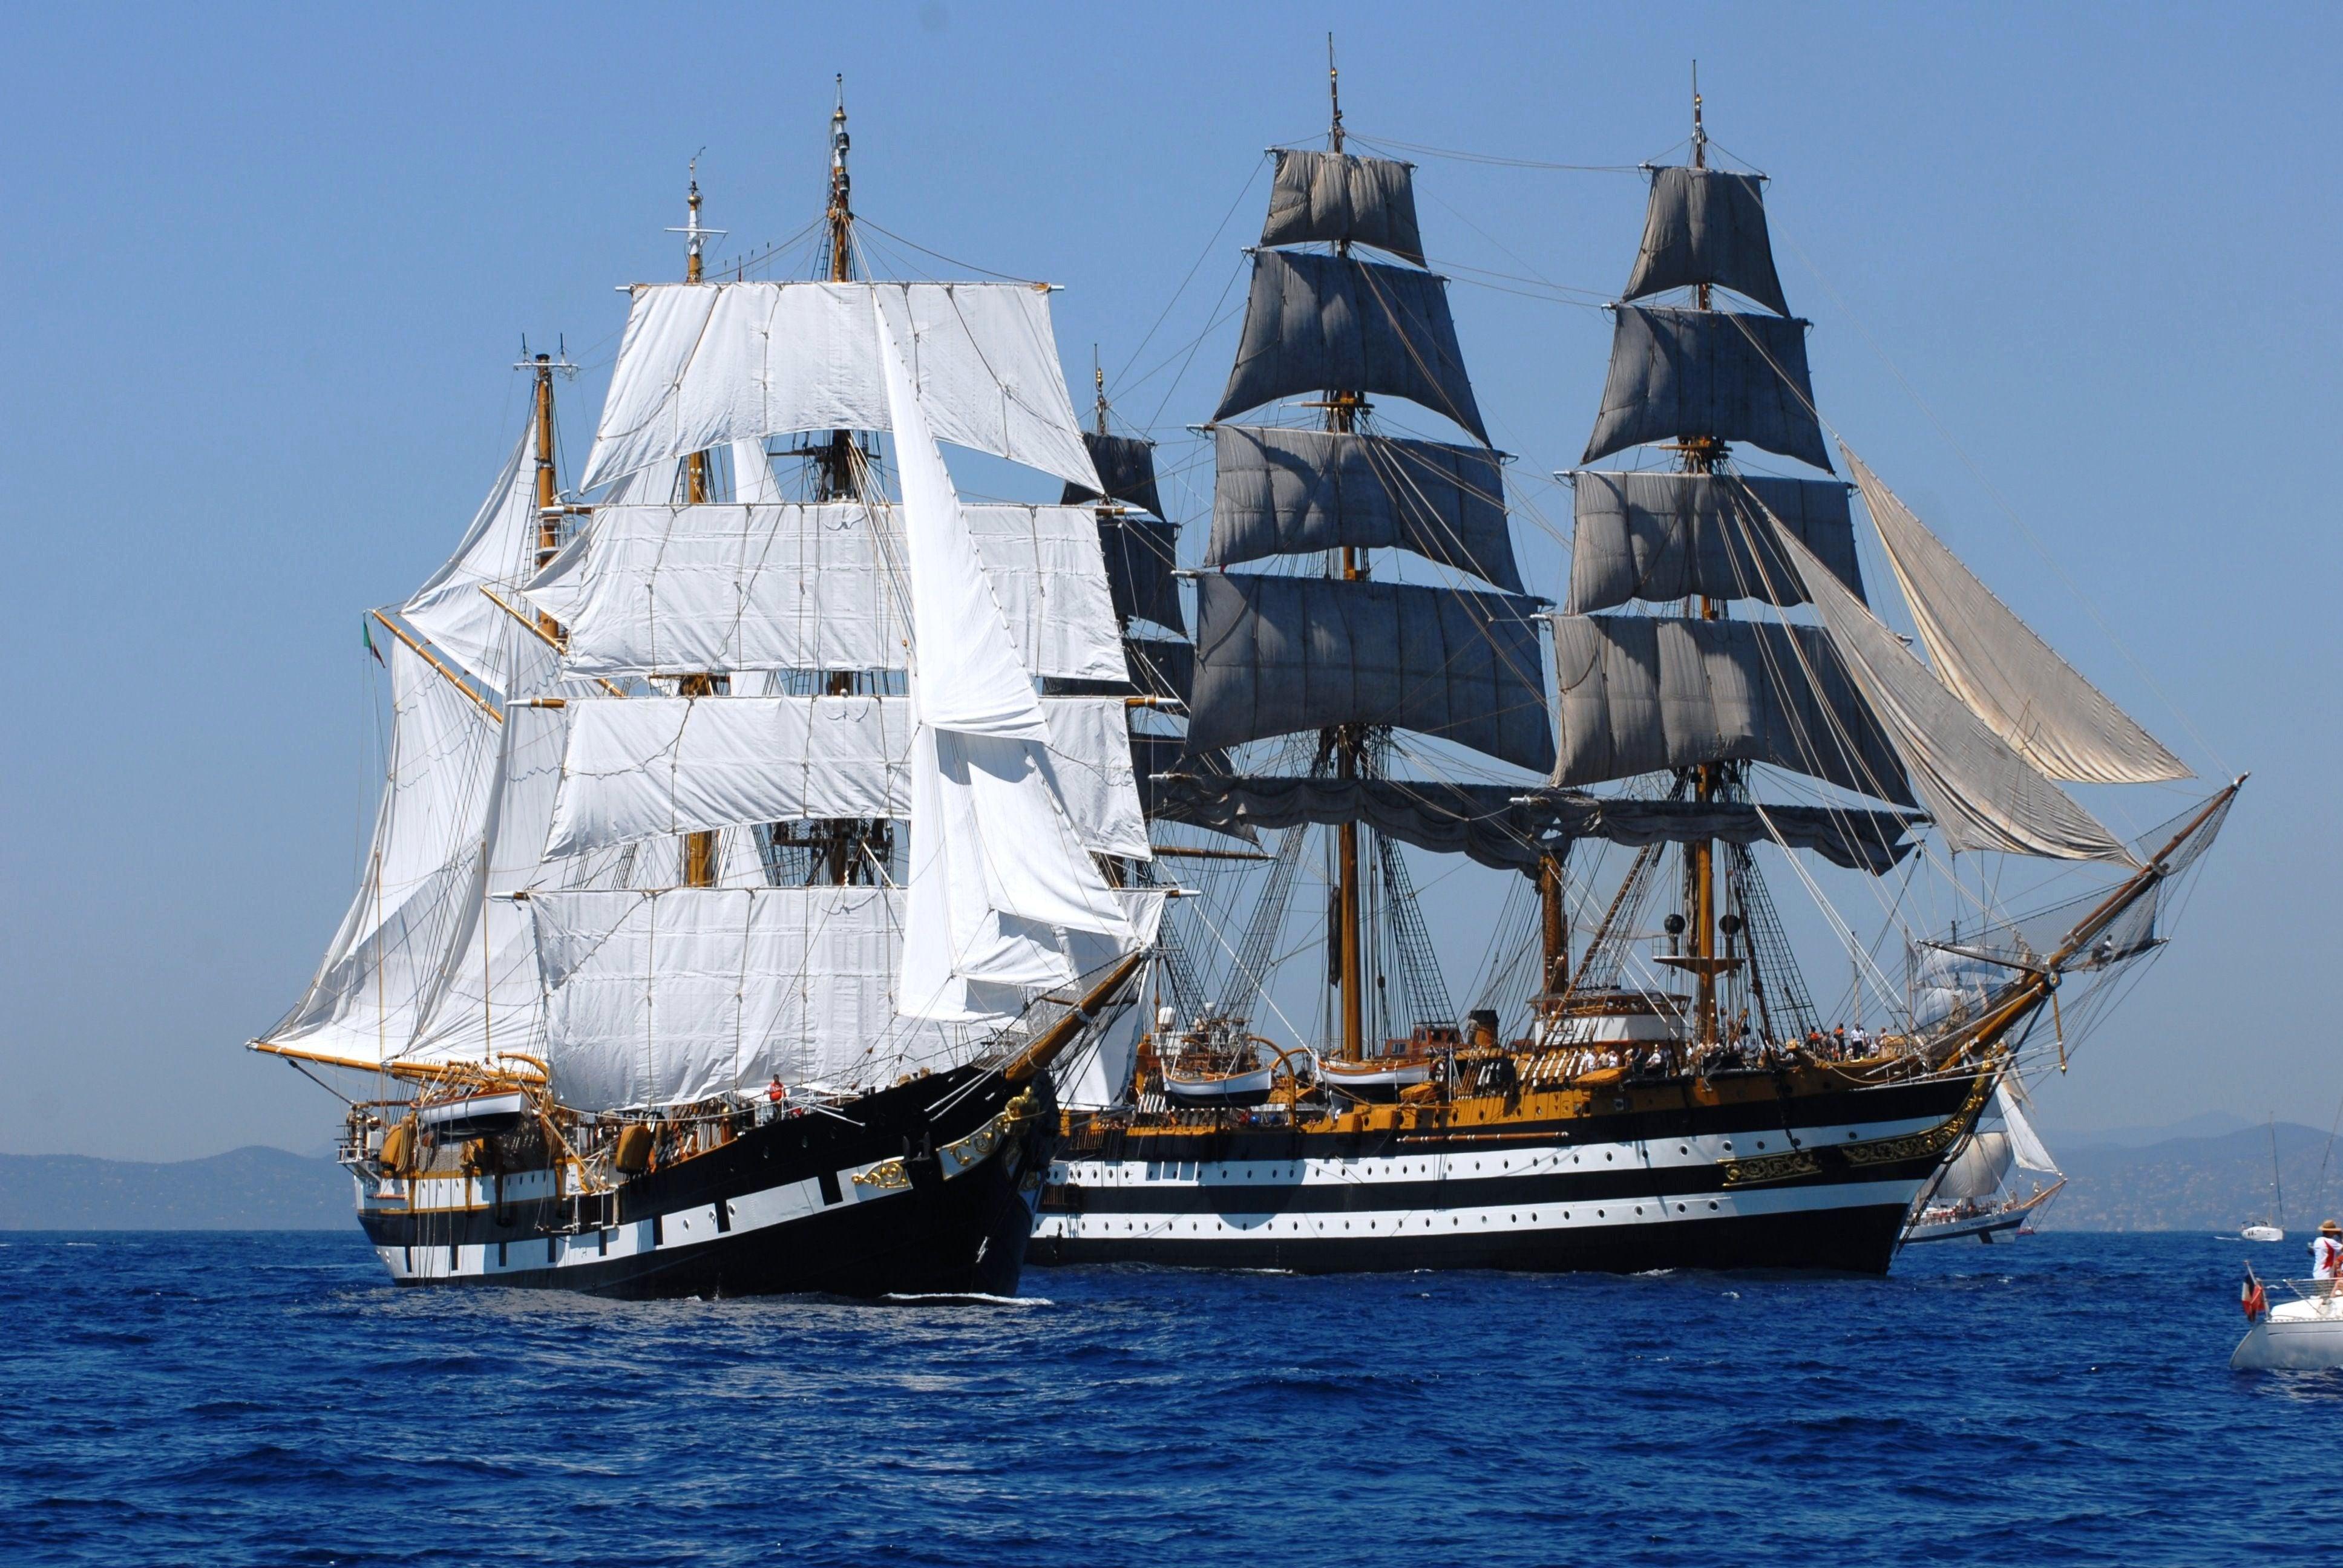 nave scuola Cristoforo colombo buque escuela amerigo vespucci foro naval (37)